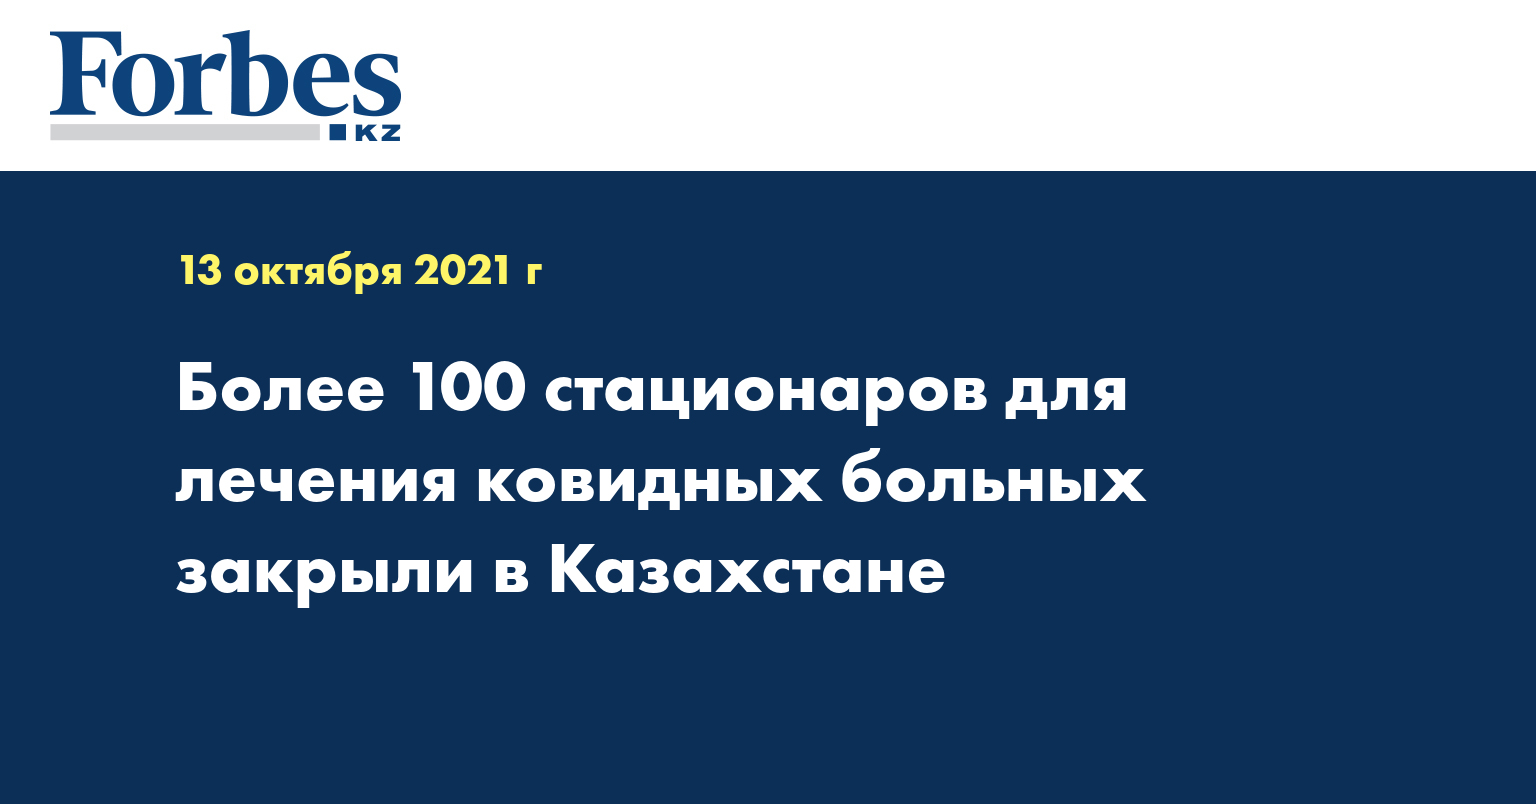 Более 100 стационаров для лечения ковидных больных закрыли в Казахстане